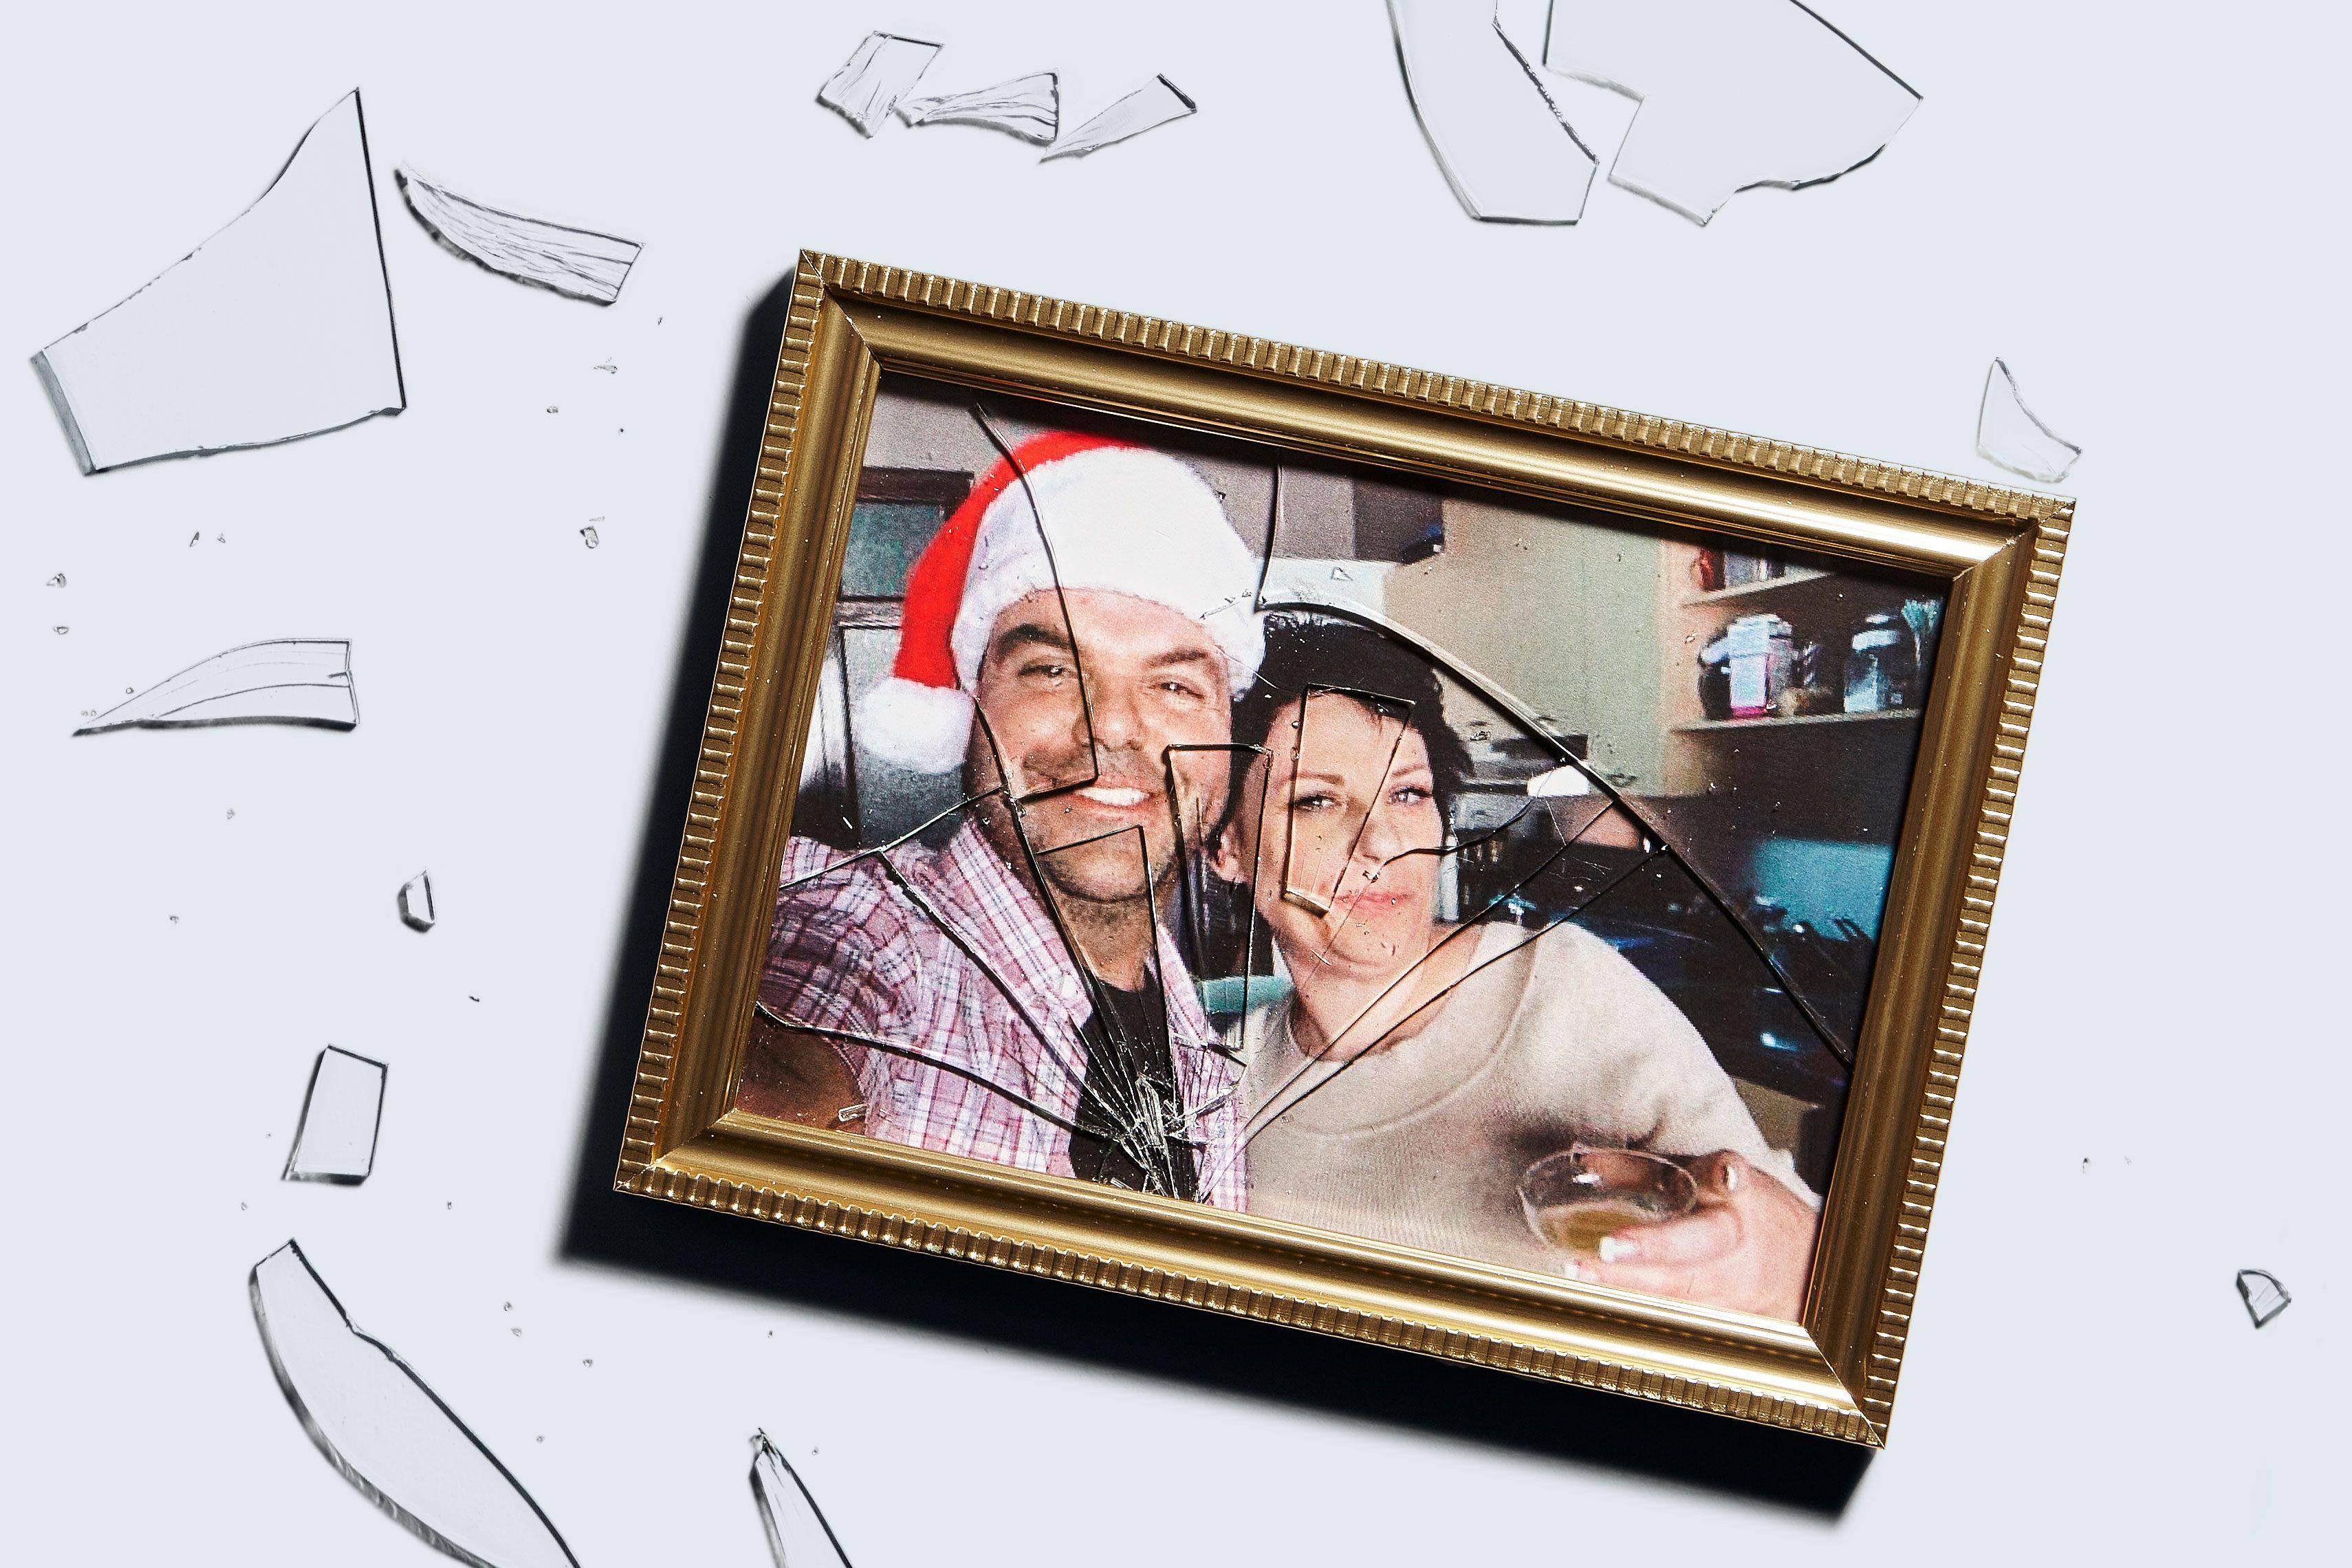 smashed photo frame